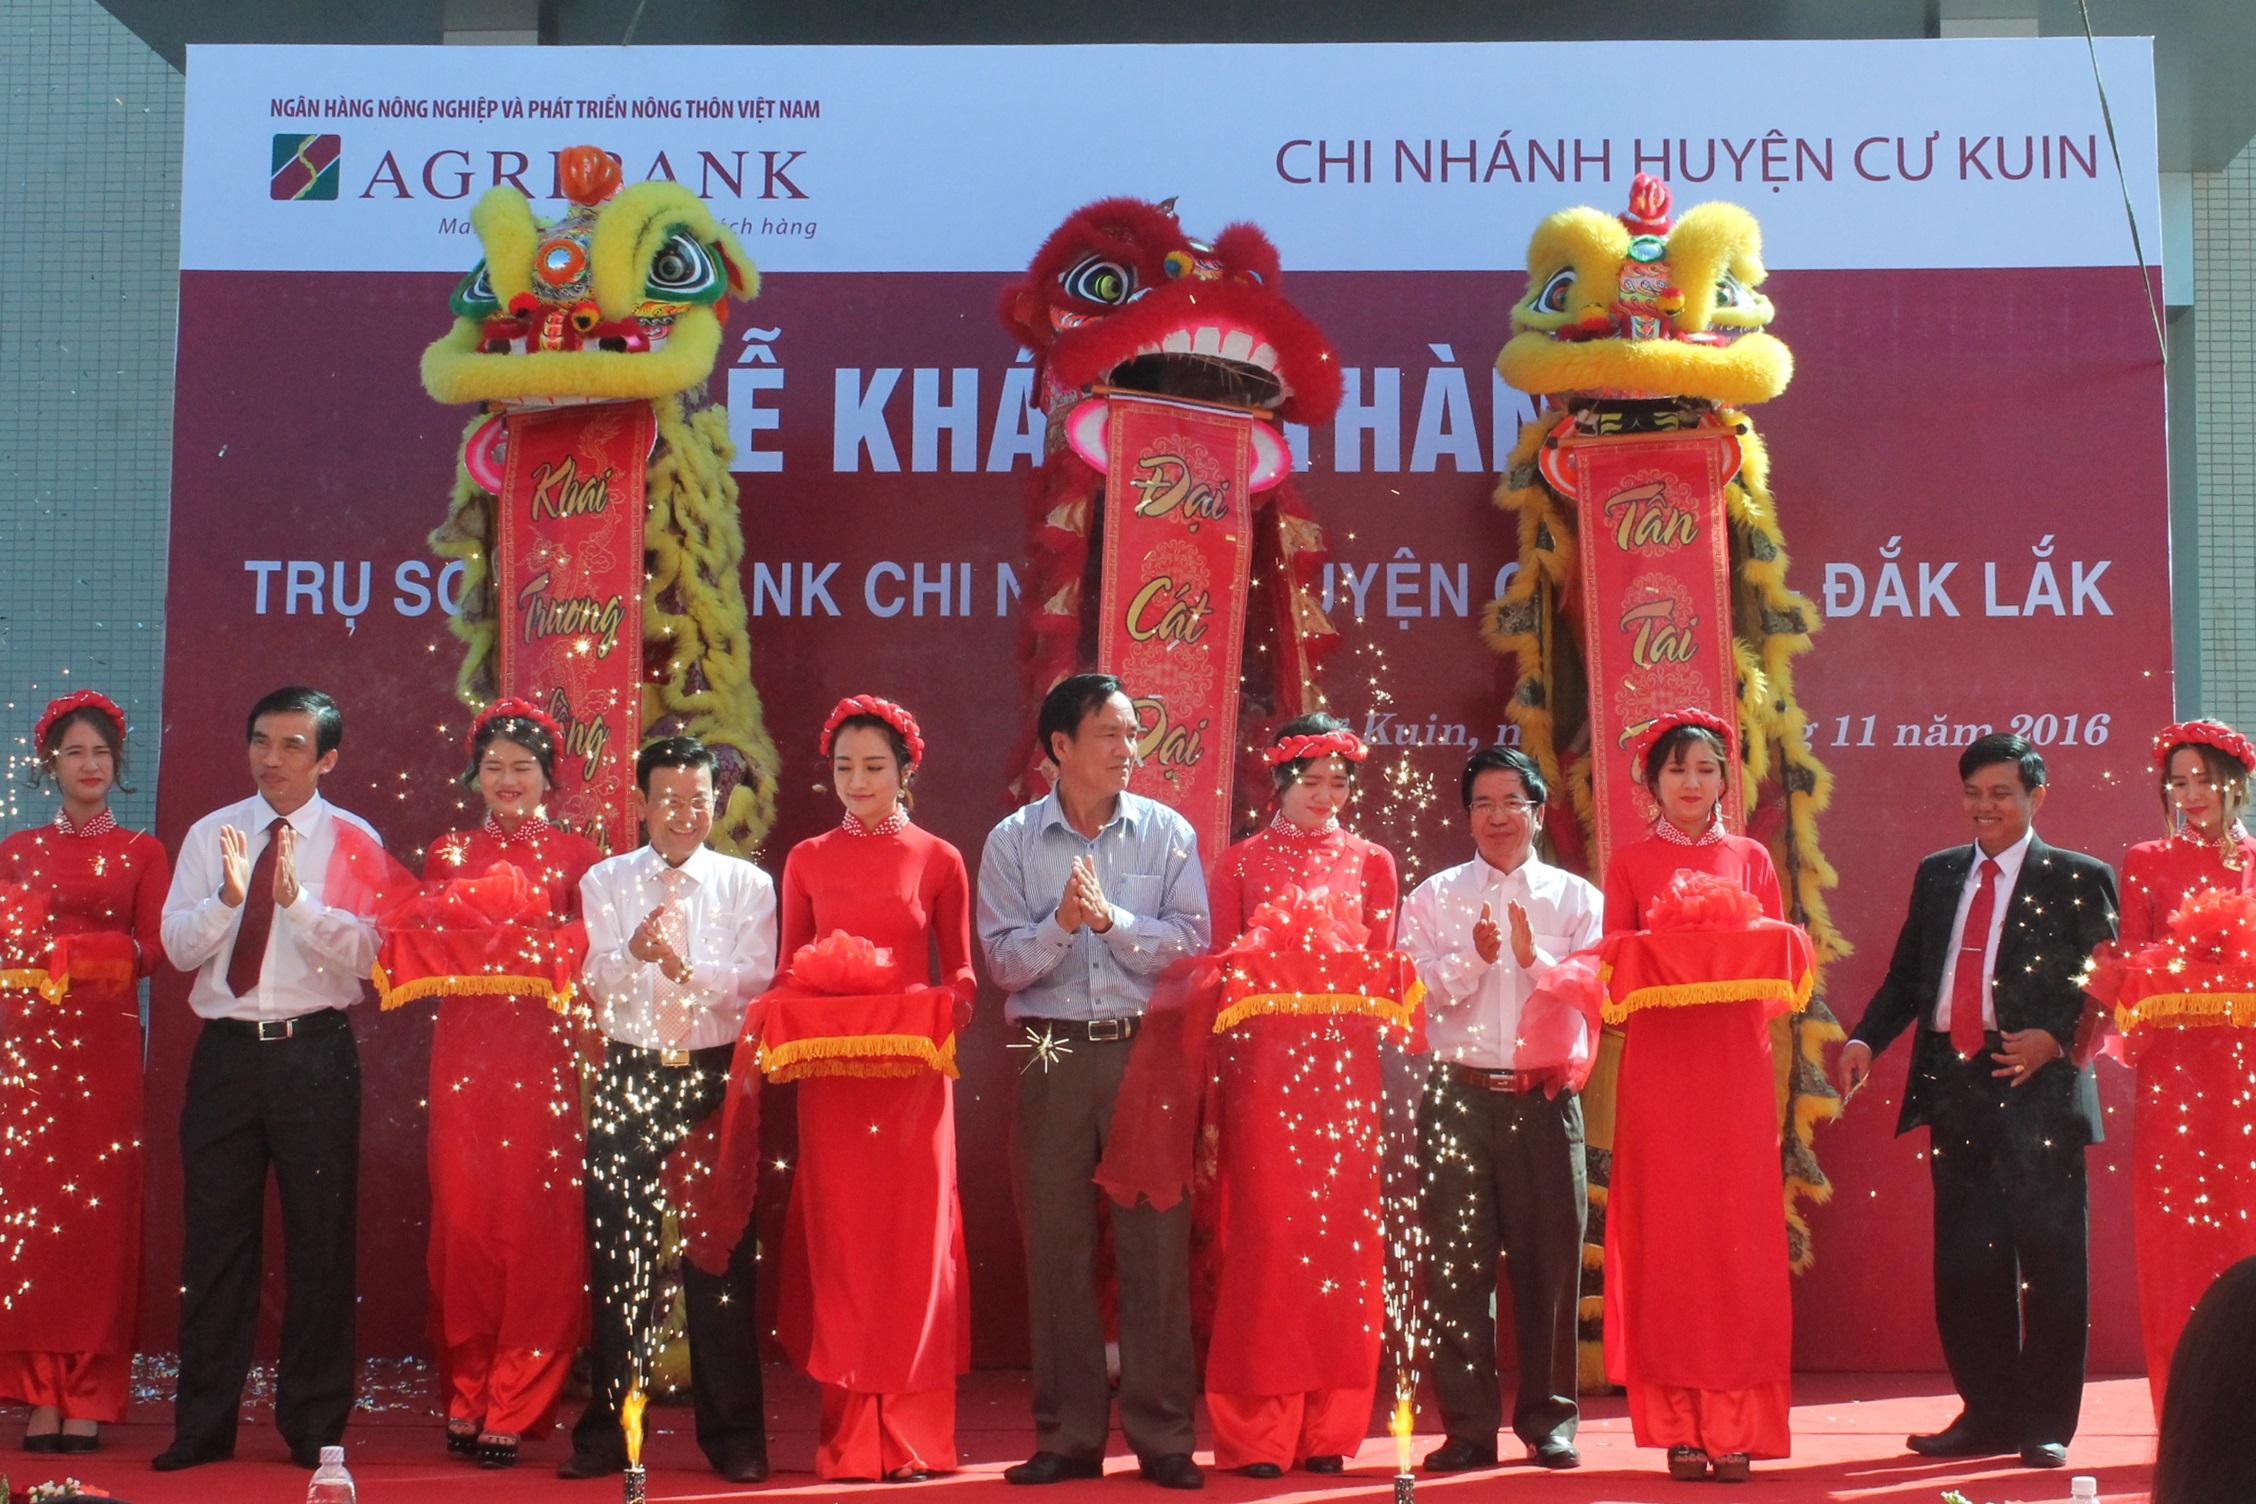 Khánh thành trụ sở Agribank Chi nhánh huyện Cư Kuin, Đắk Lắk.